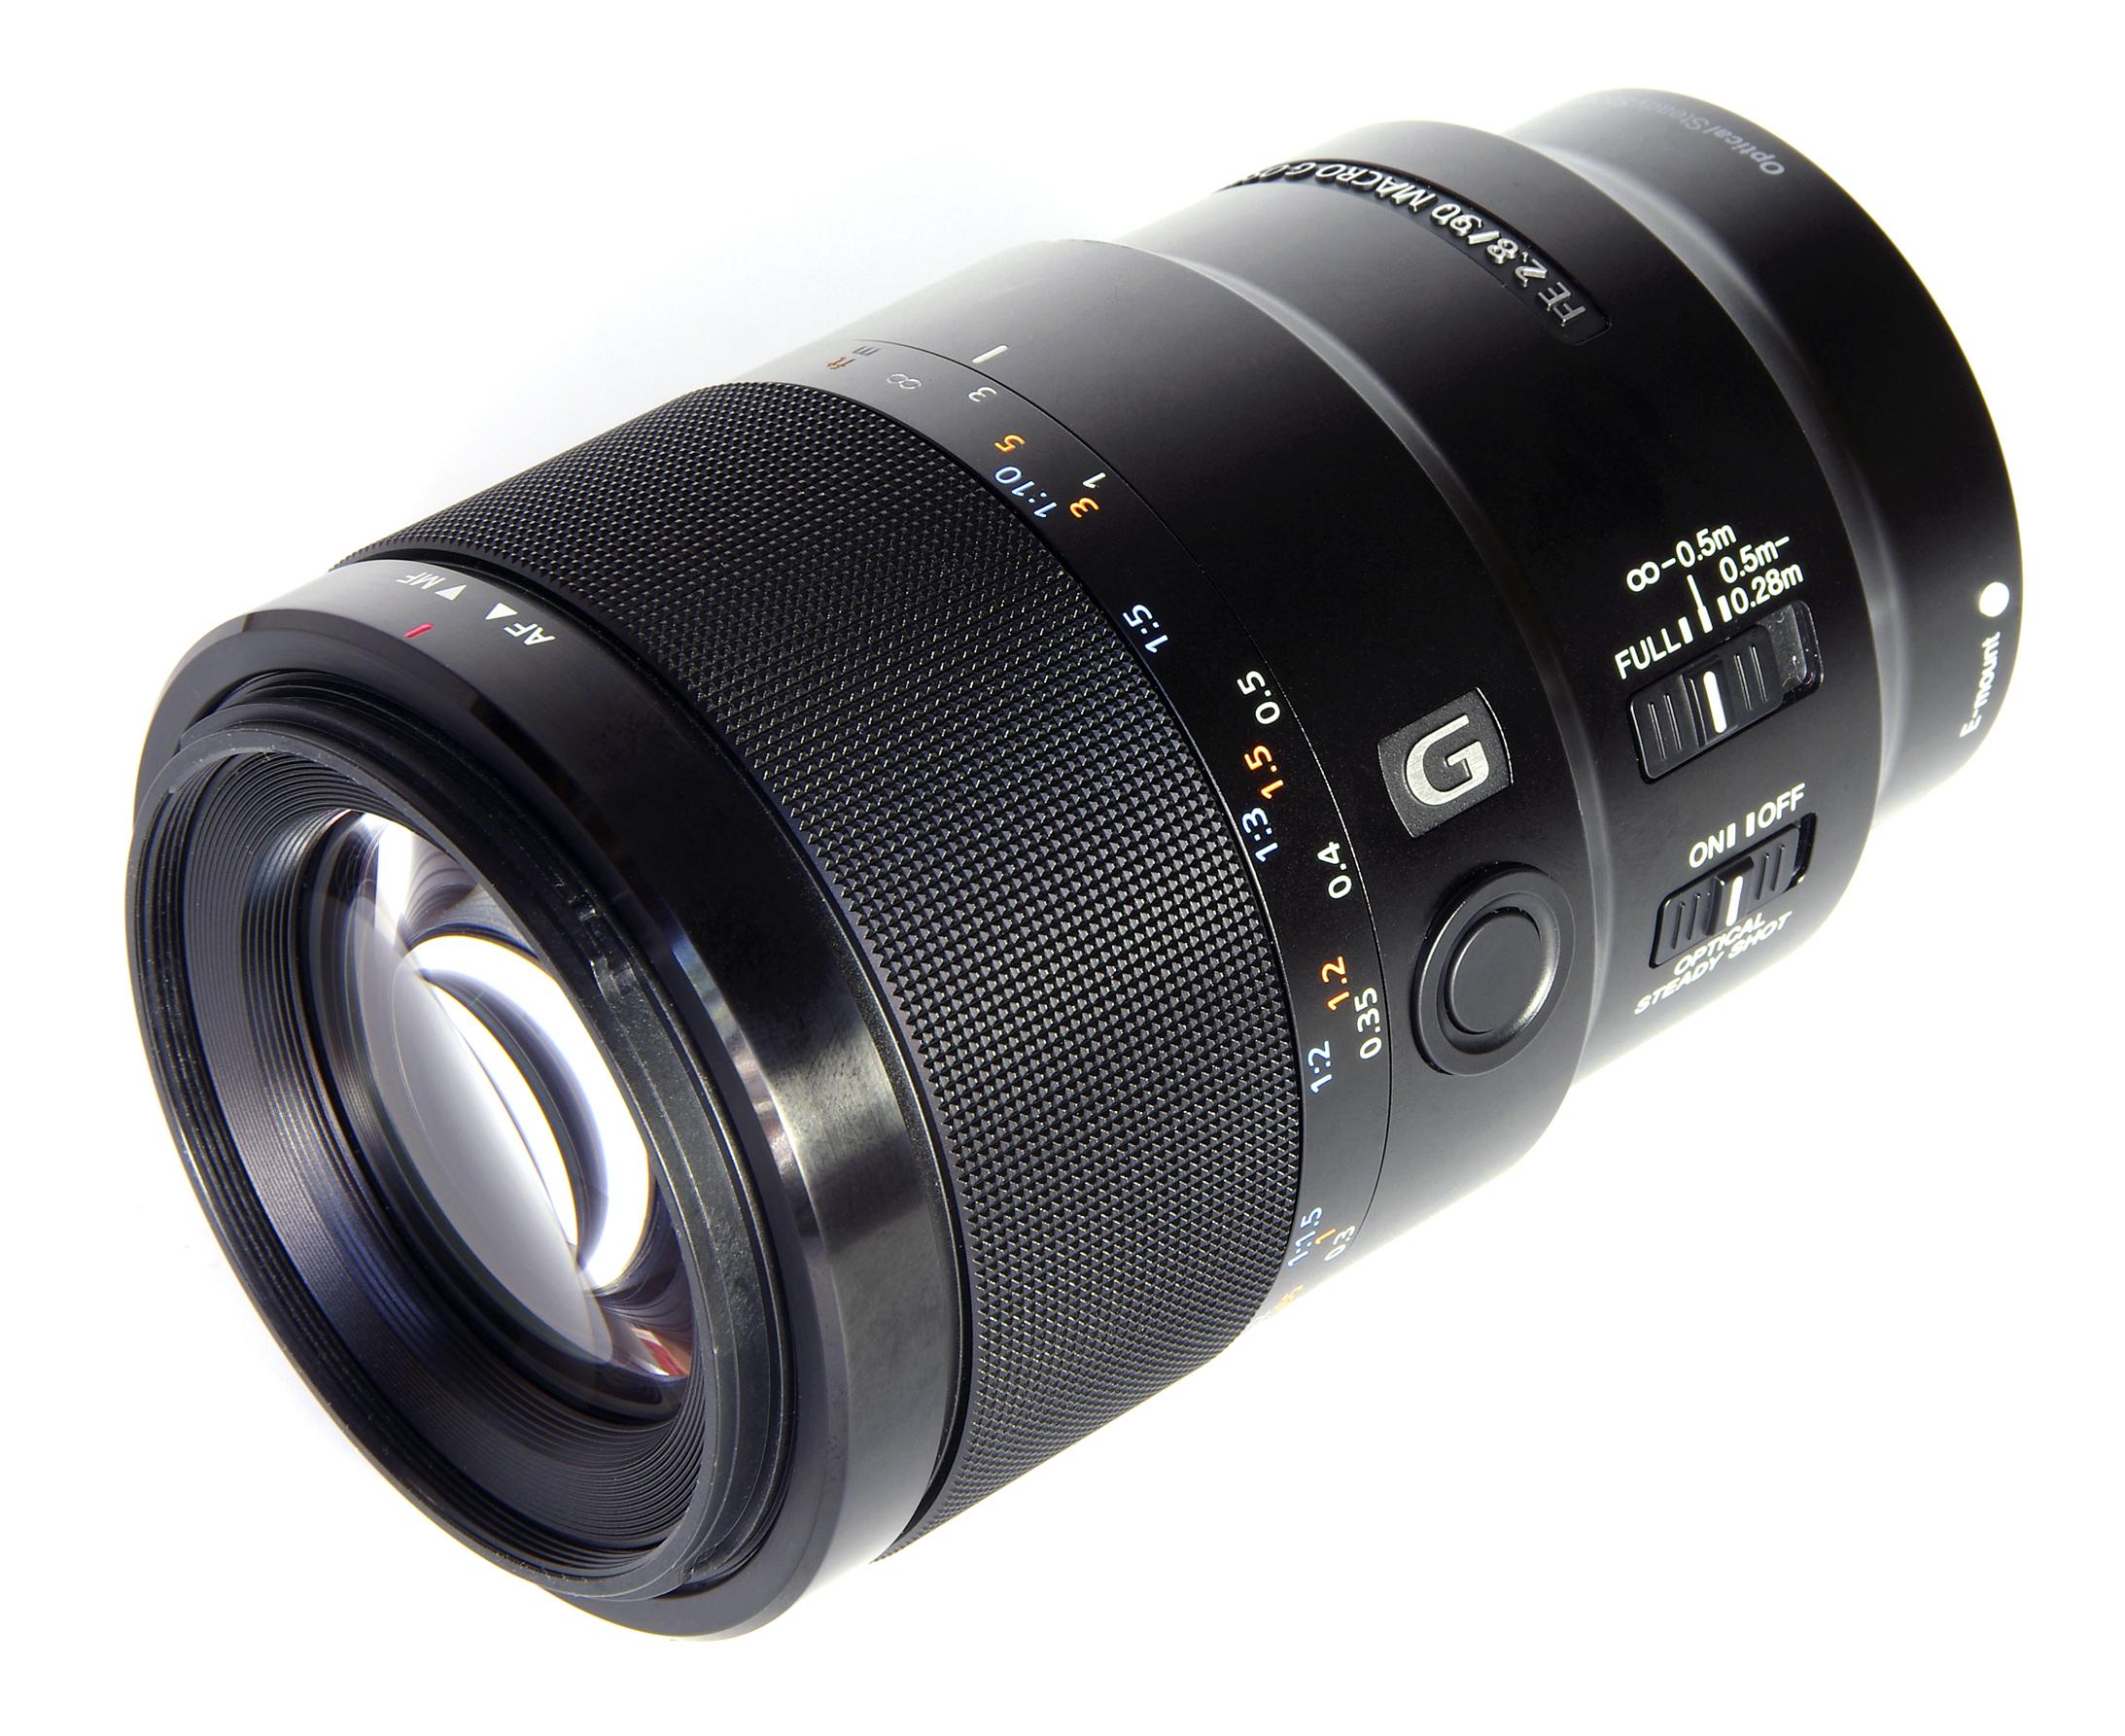 Sony FE 90mm f/2.8 Macro G OSS Lens Image